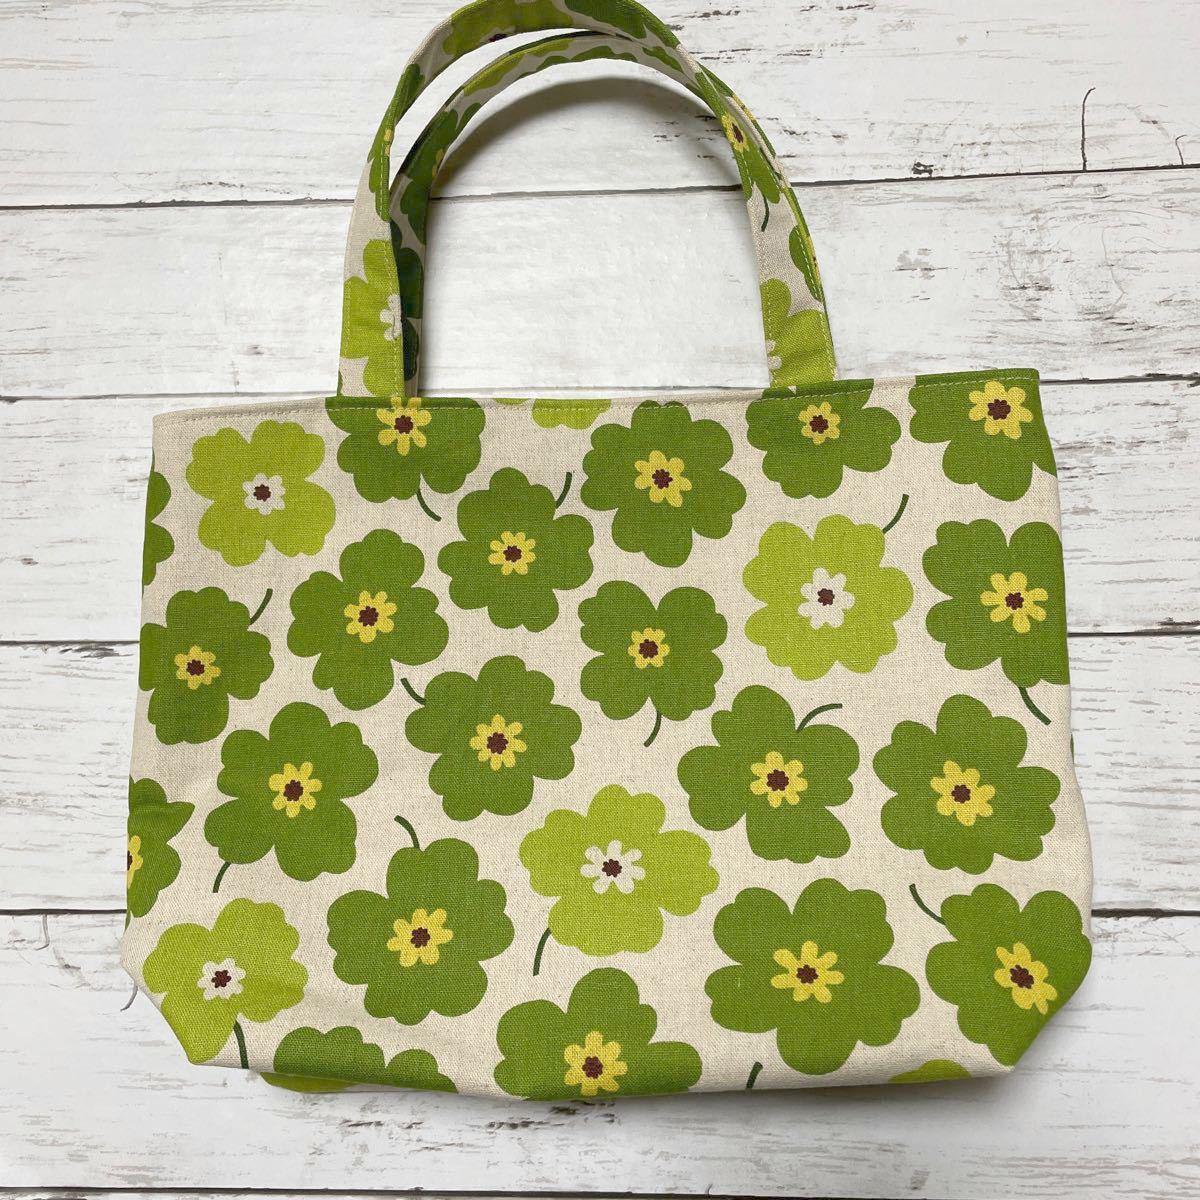 ☆トートバッグ ☆ハンドメイド 花柄  北欧 キミドリ ランチバッグ